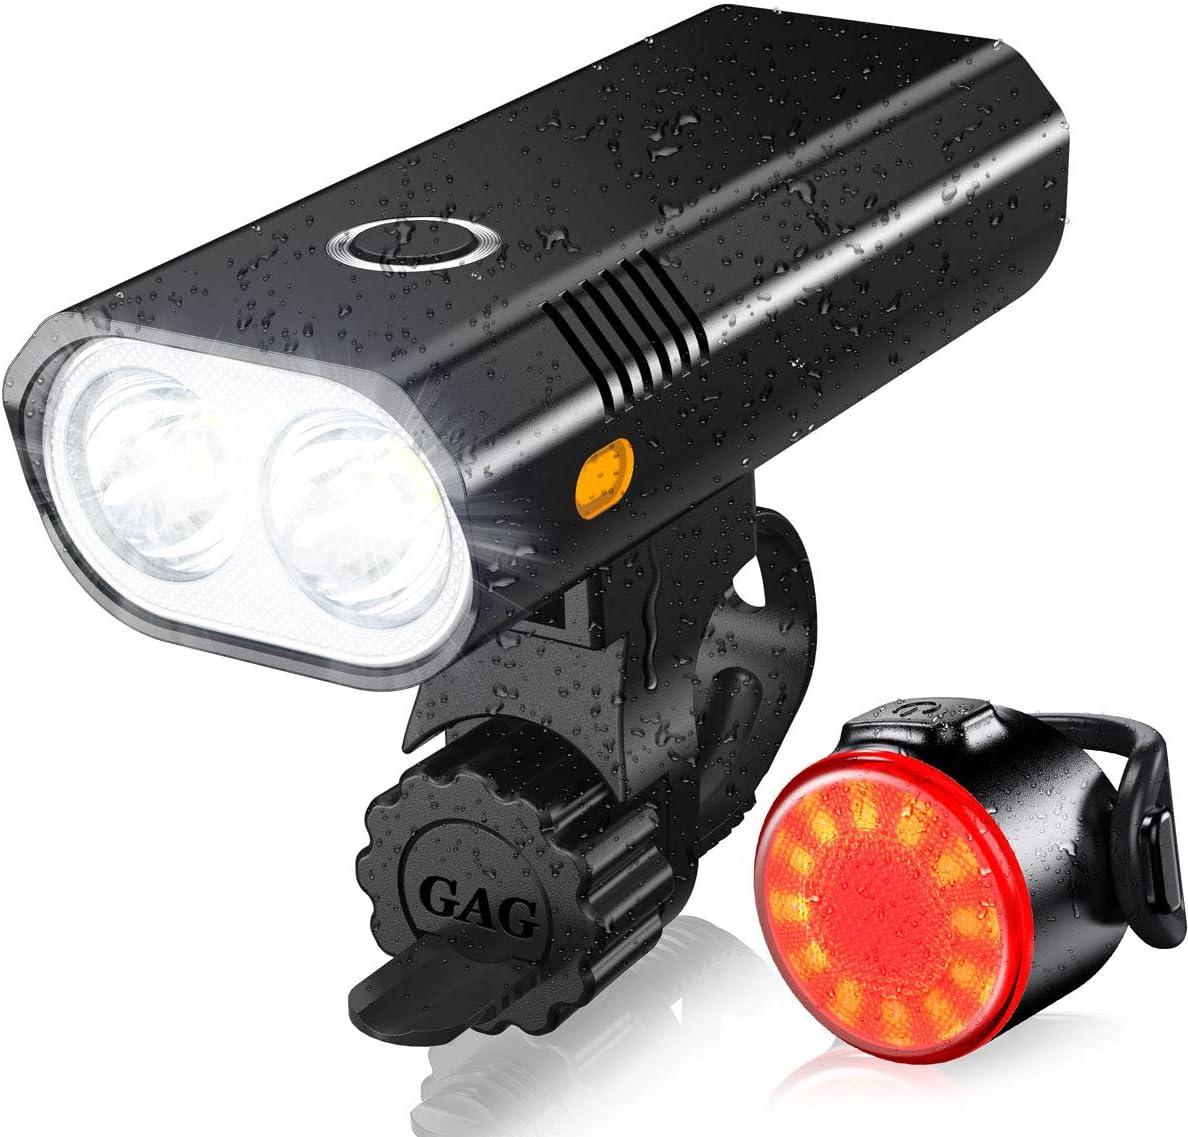 ASUNND Luces Bicicleta, Luz Bicicleta LED Impermeable, Luz de Bicicleta Recargable por USB,Iluminación de 5 Modos, Lámpara Súper Potente 800 Lúmenes, Luz Bicicleta Delanteras Luz Trasera